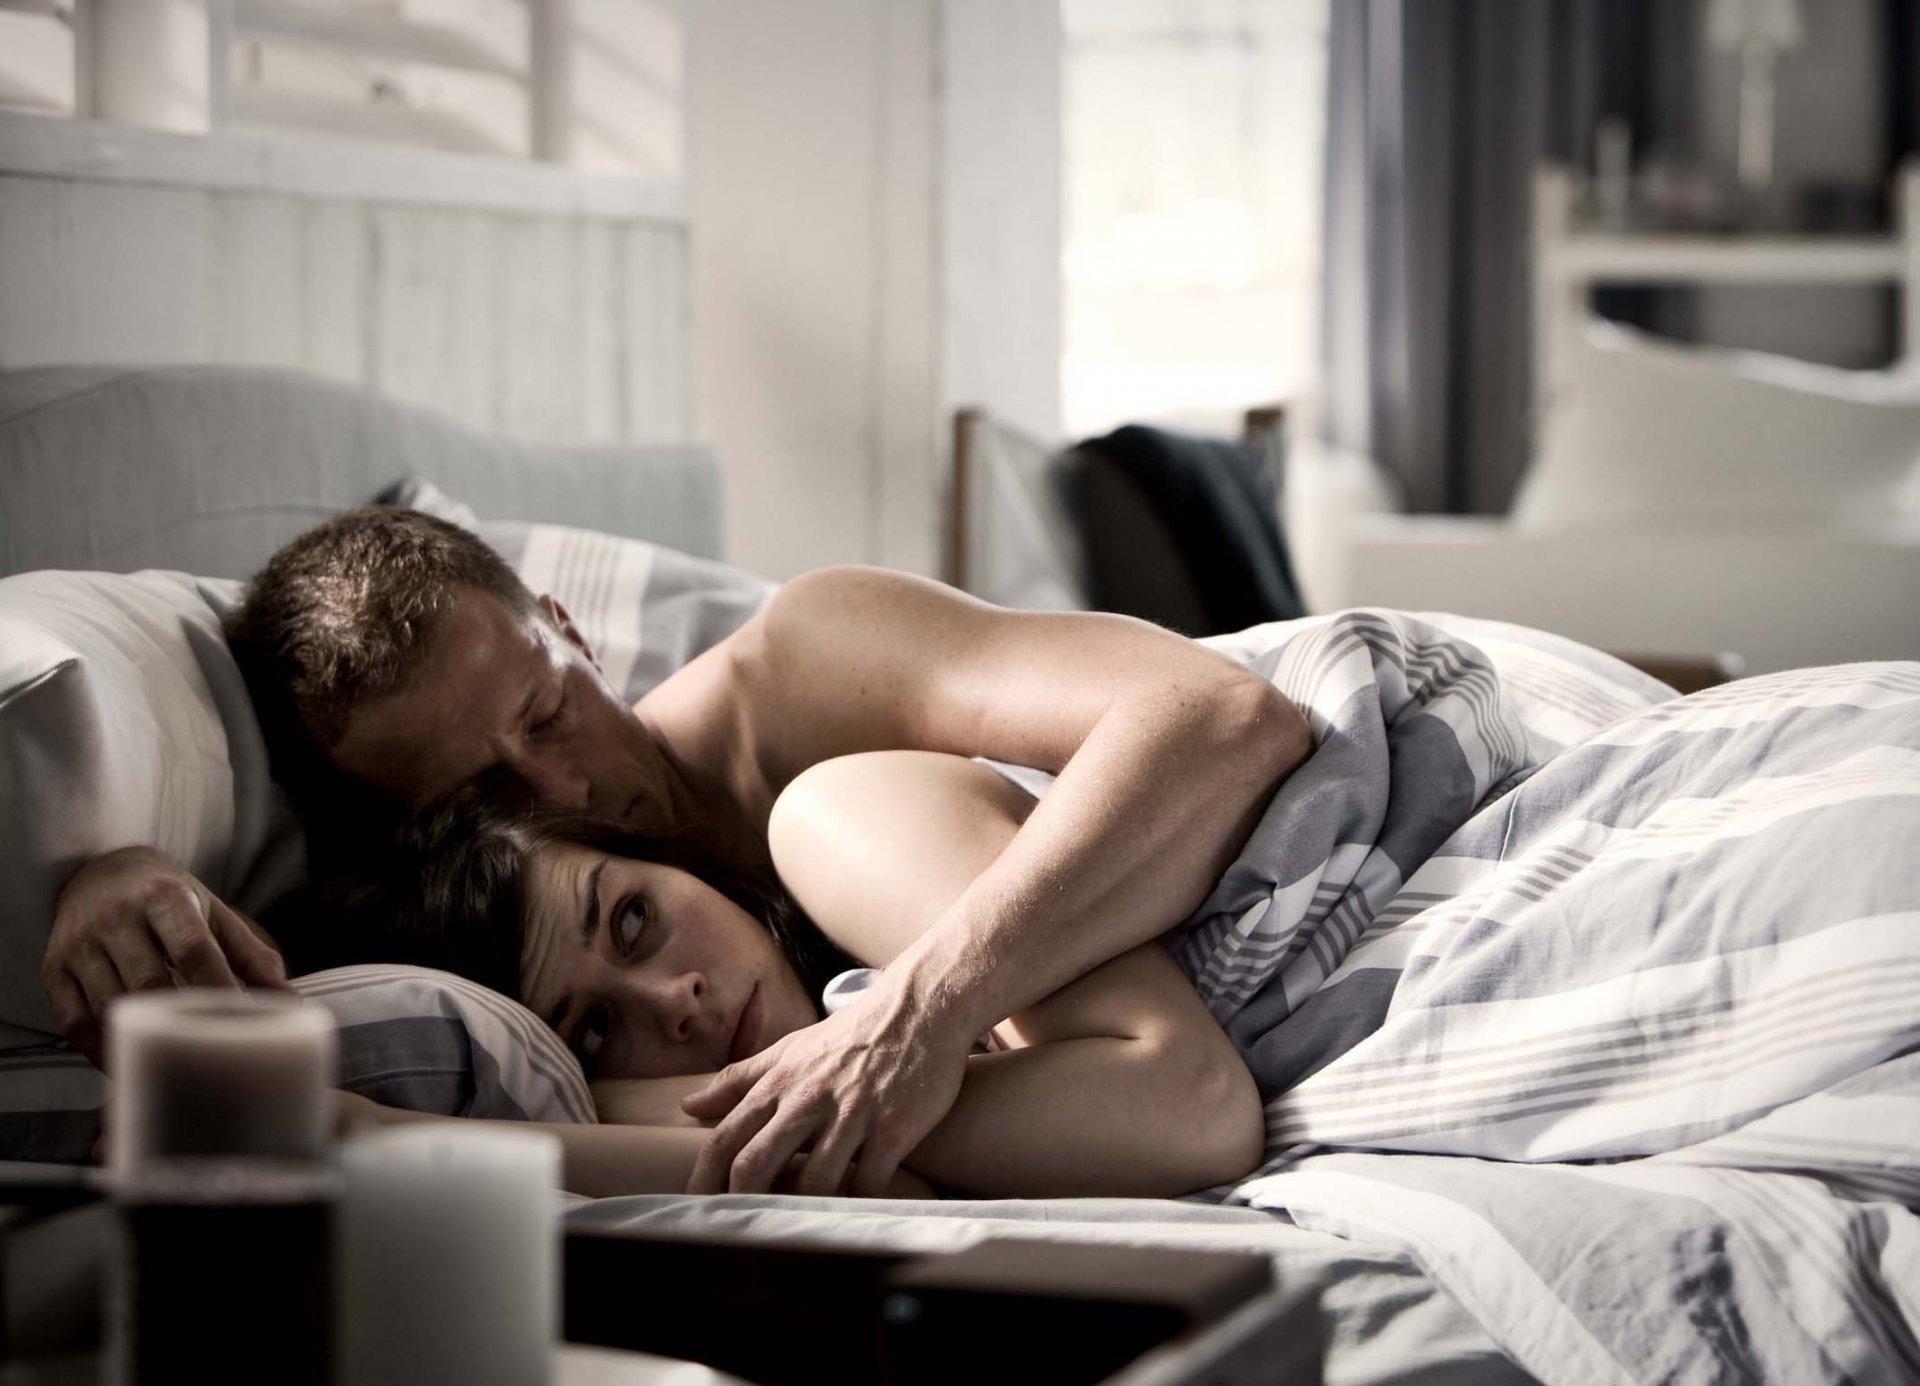 размещение рекламы бабы отдались парню в кровати фото удовольствие, можешь насладиться